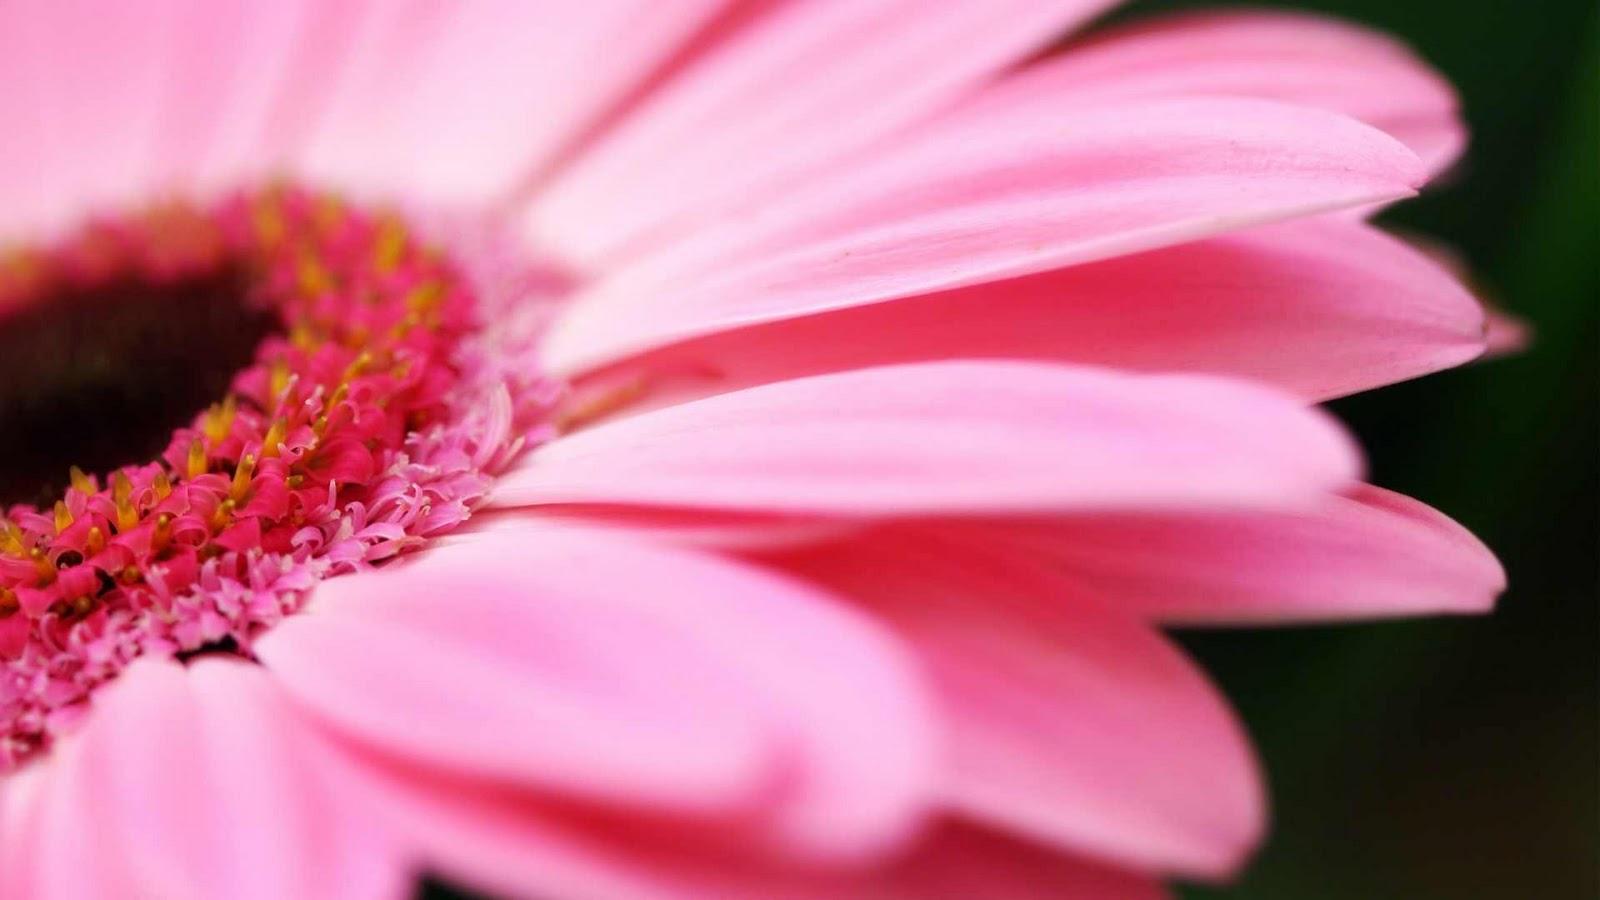 flower photos pink gerbera. Black Bedroom Furniture Sets. Home Design Ideas